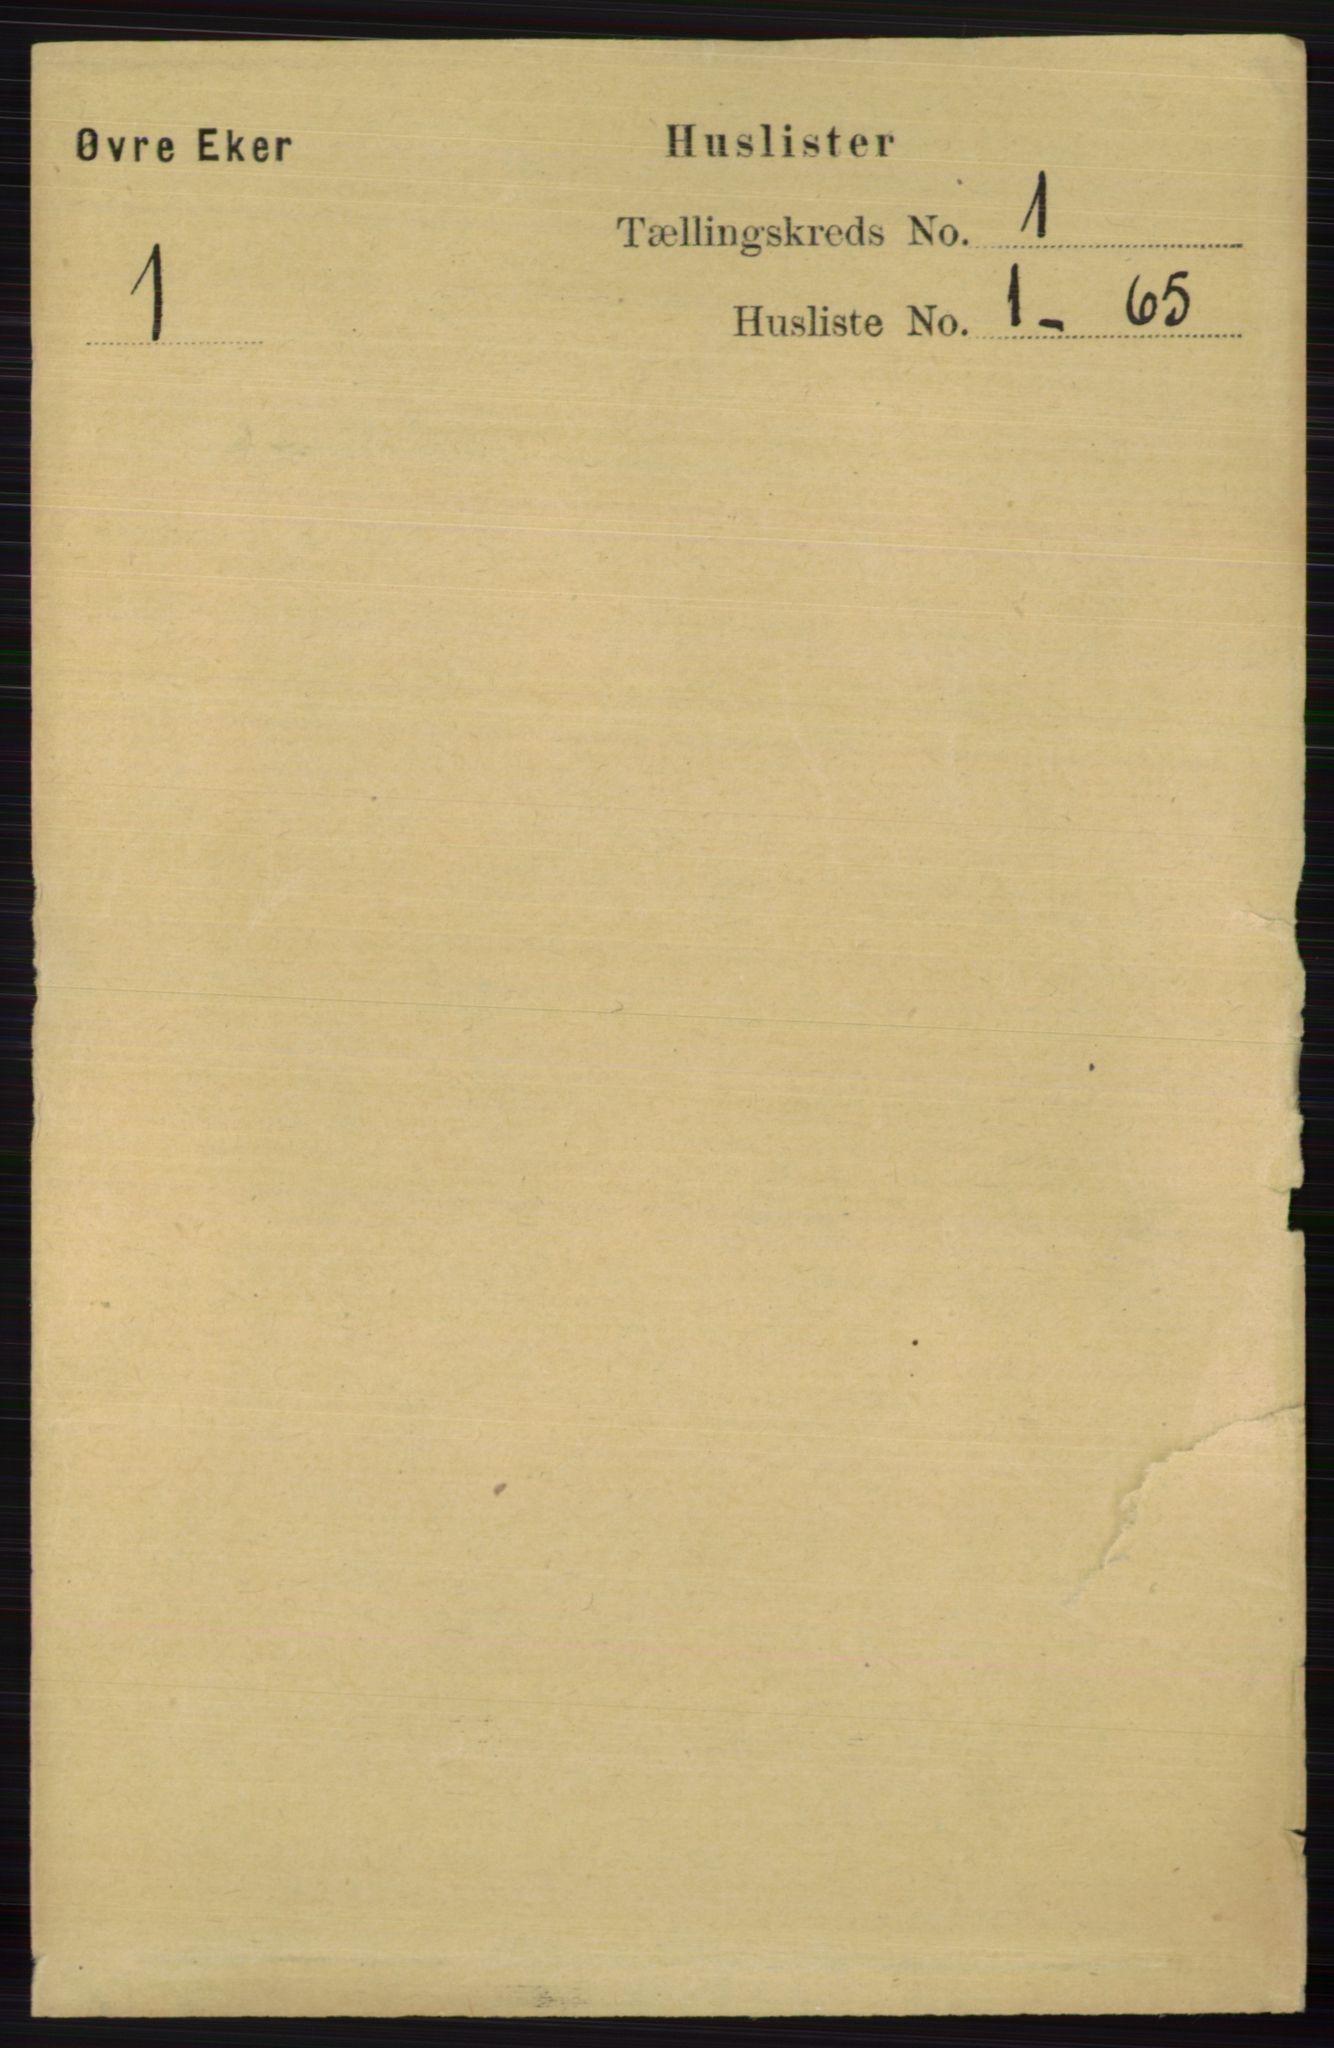 RA, Folketelling 1891 for 0624 Øvre Eiker herred, 1891, s. 58